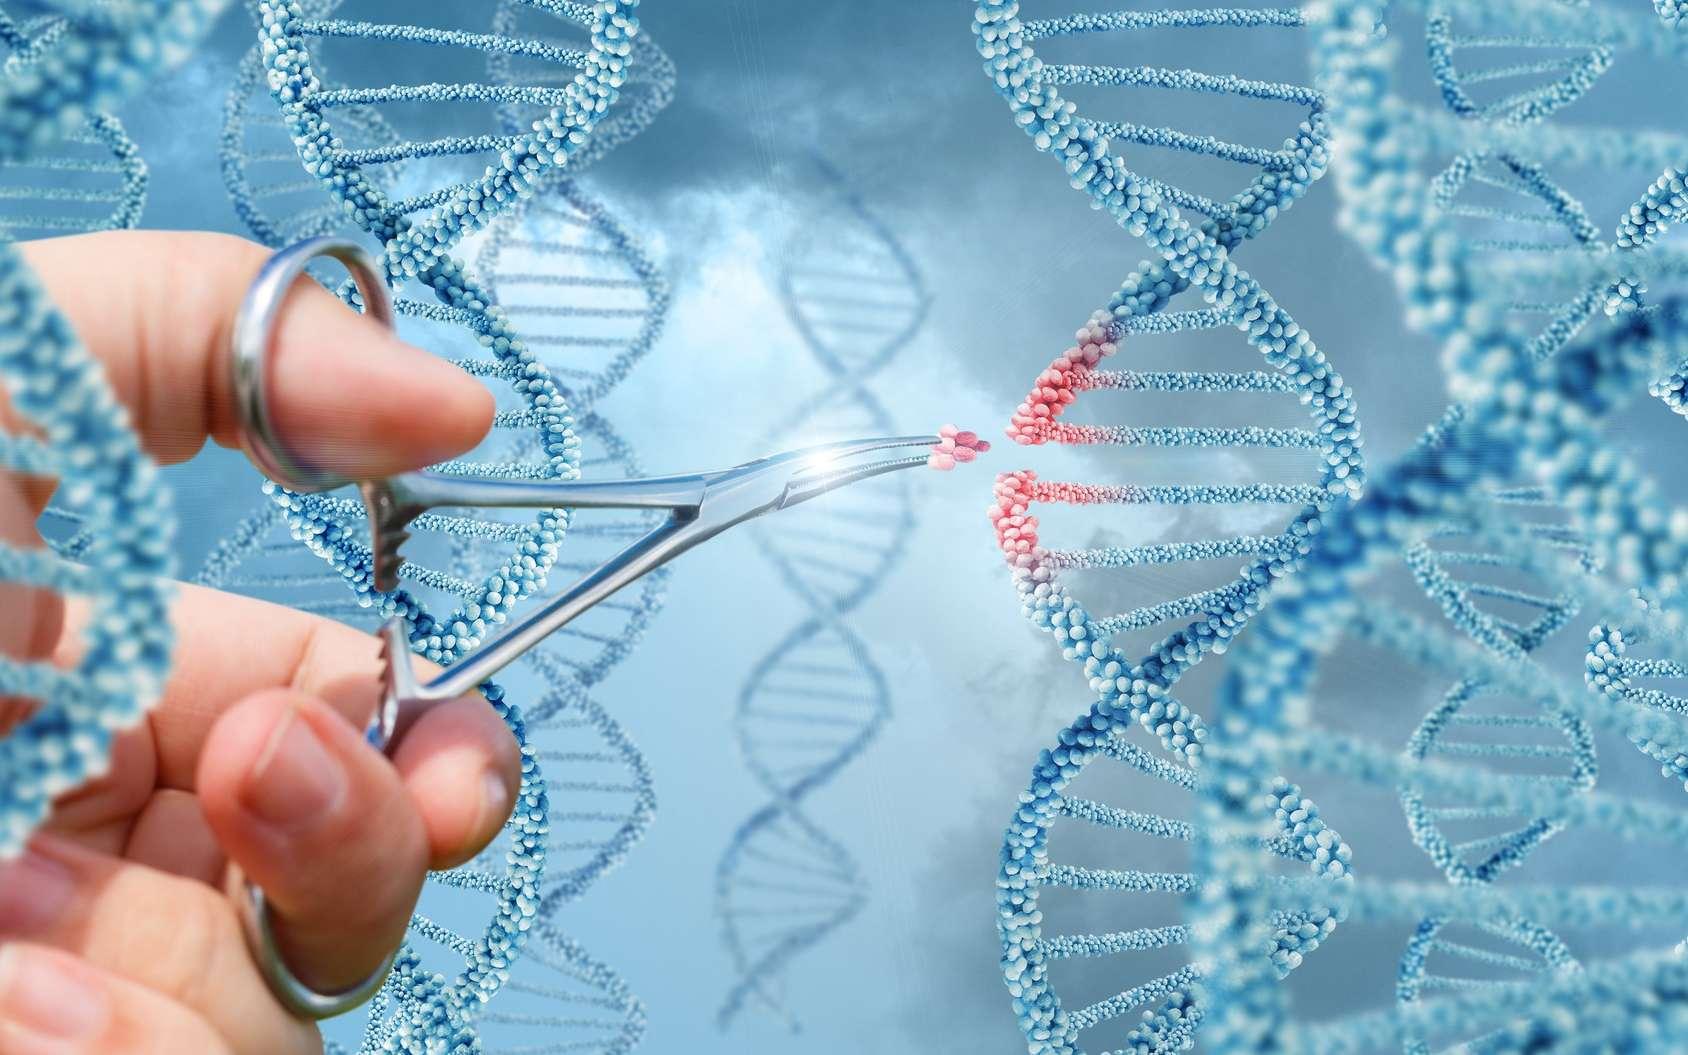 Les TALEN sont des ciseaux moléculaires qui servent à modifier le génome. © natali_mis, Fotolia